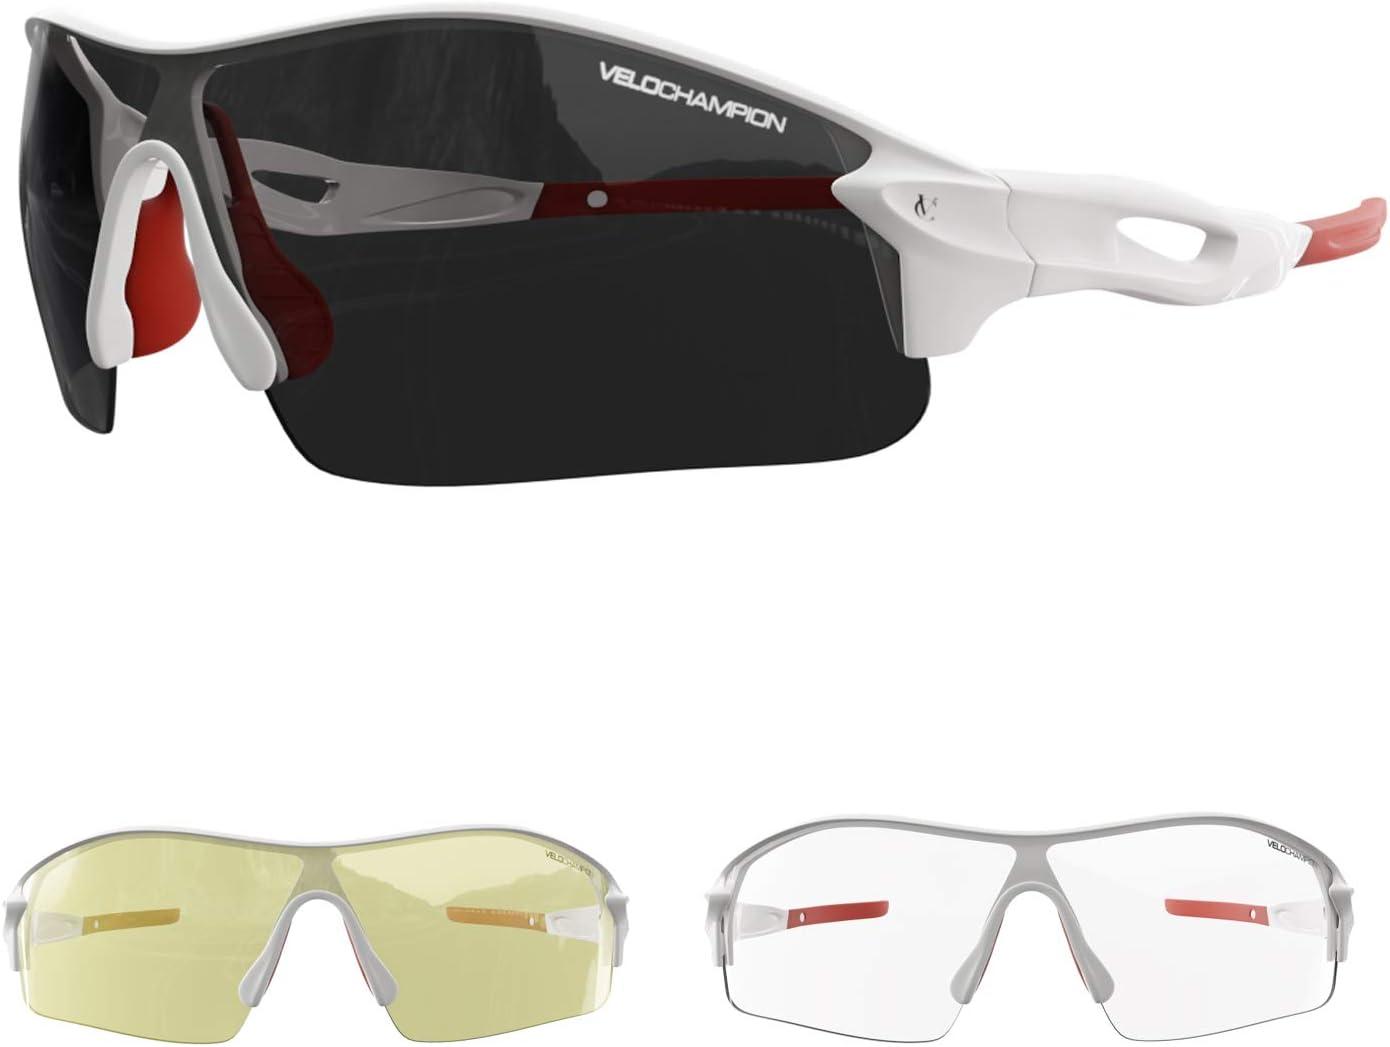 VeloChampion Warp Ciclismo Conducción MTB Gafas de Sol híbridas Correr Gafas Deportivas Protección UV400 y 2 Lentes de Repuesto incluidos